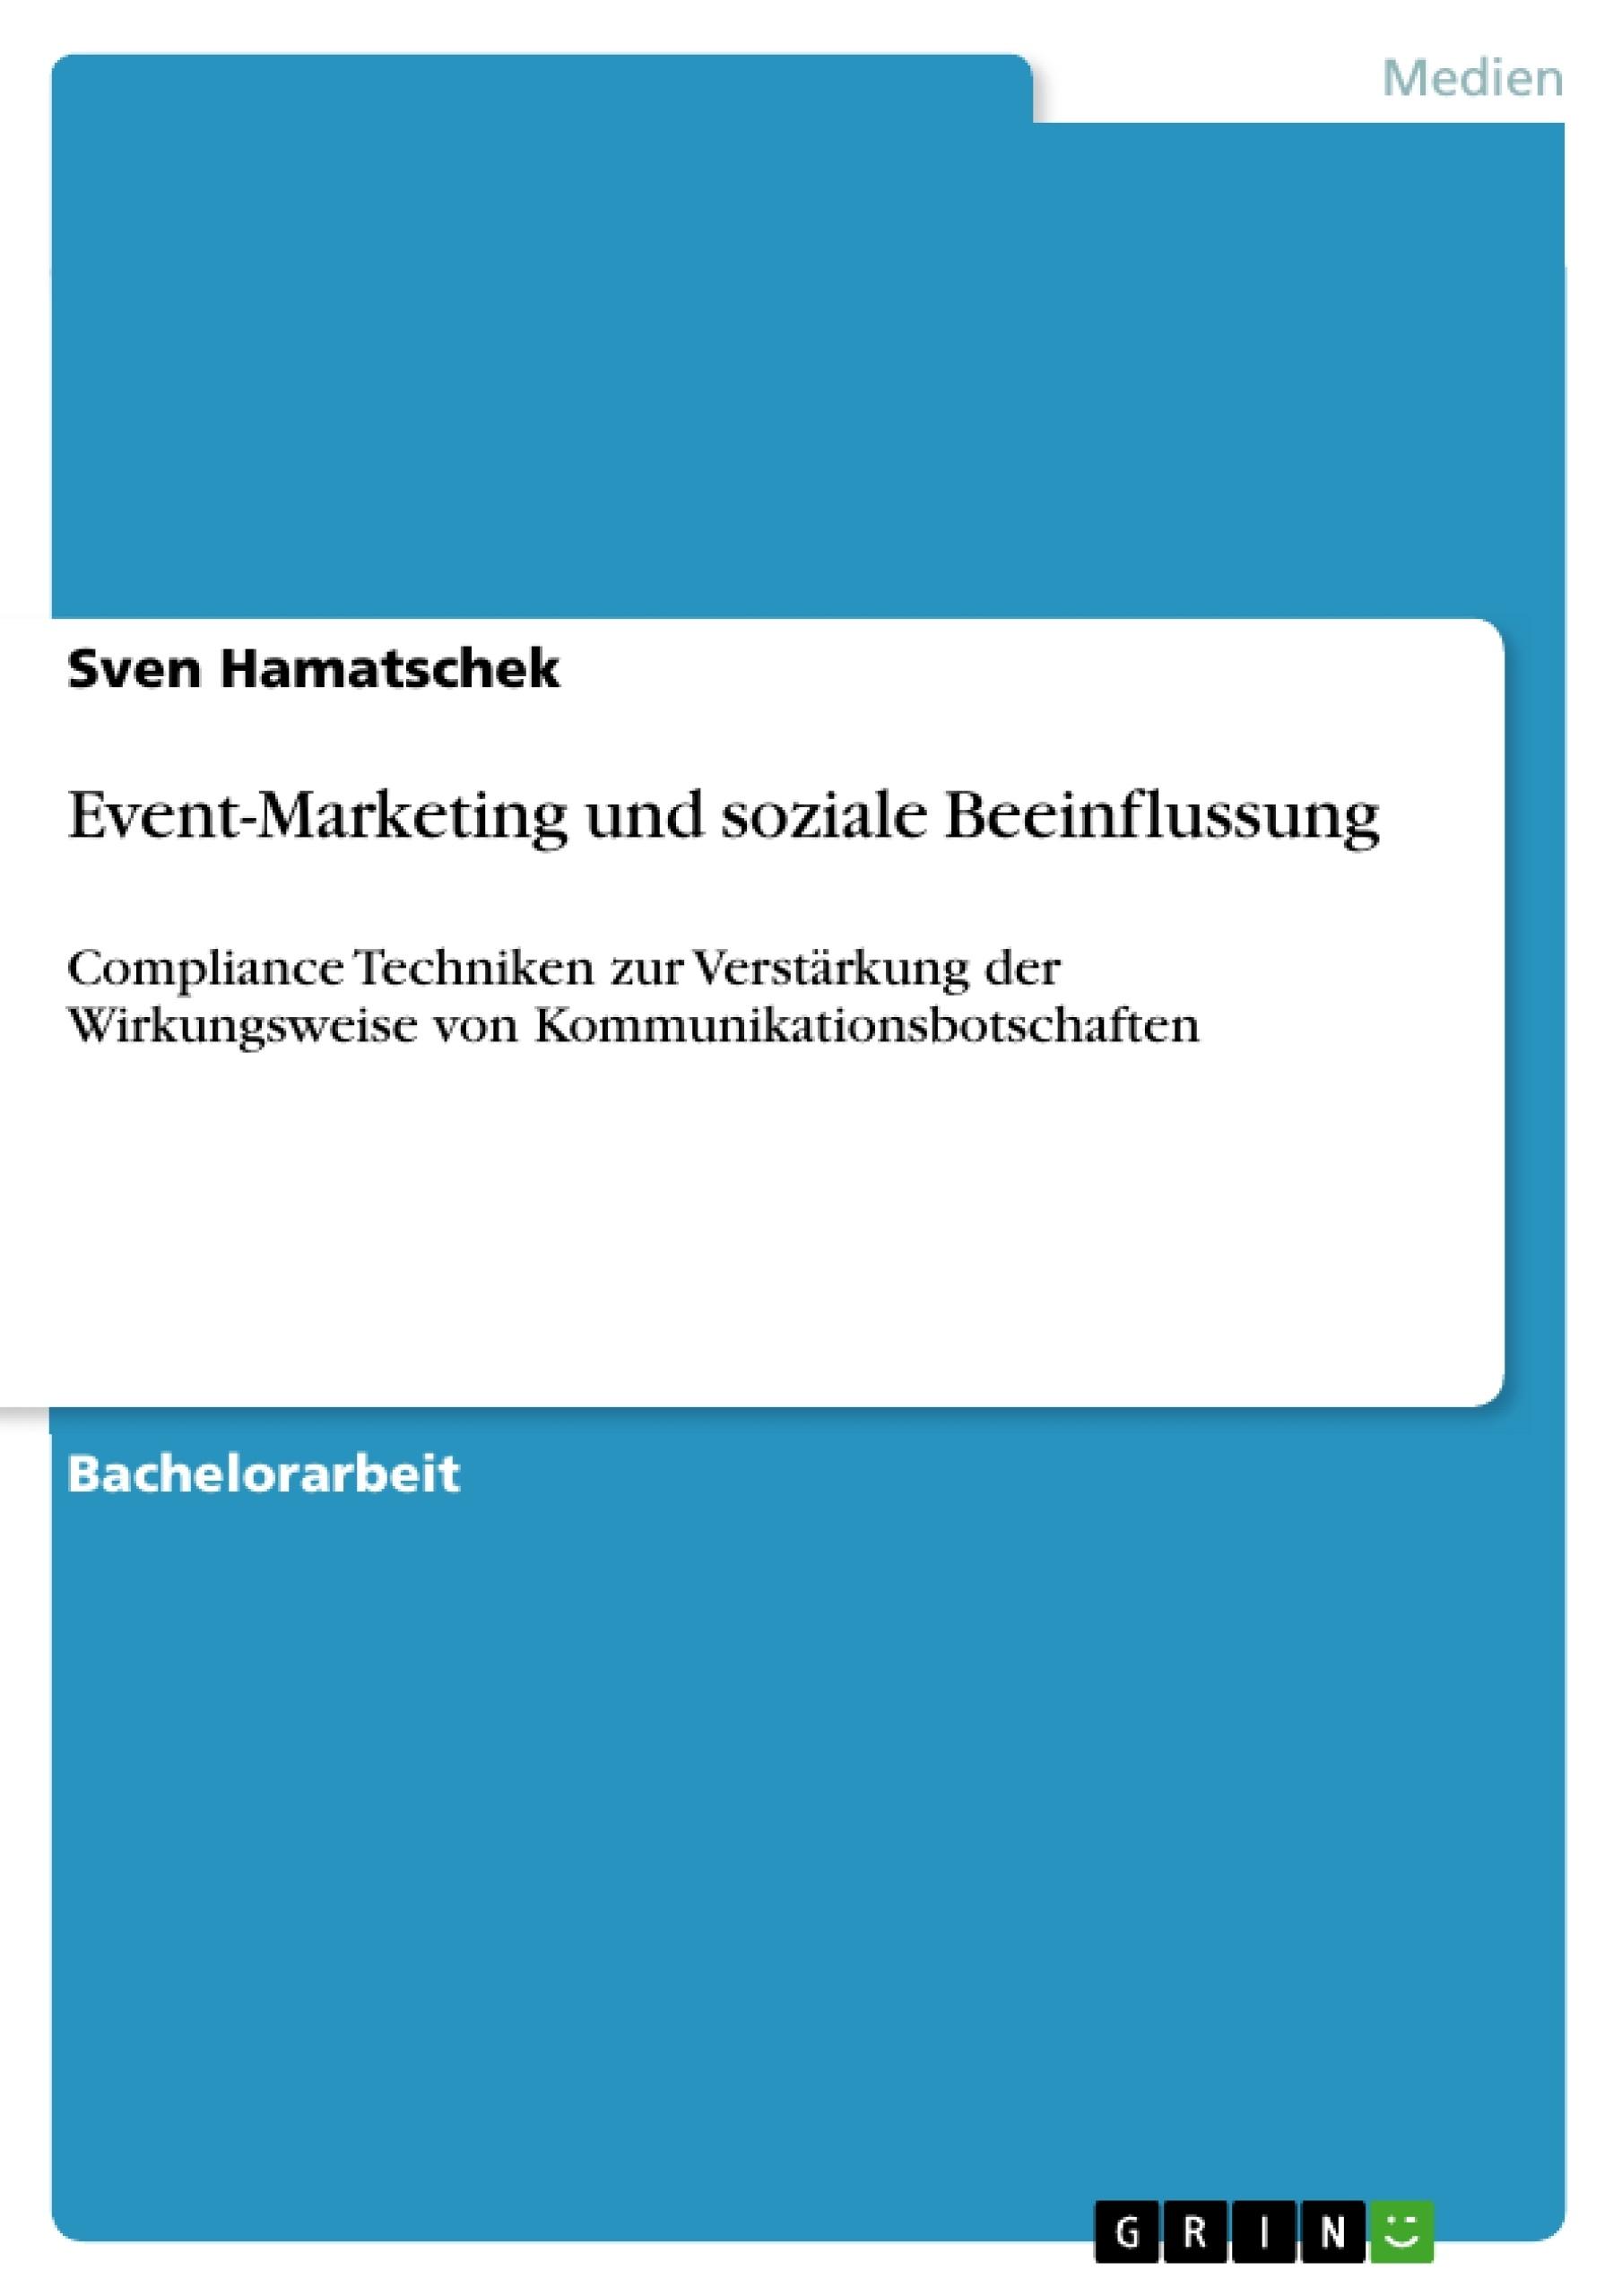 Titel: Event-Marketing und soziale Beeinflussung